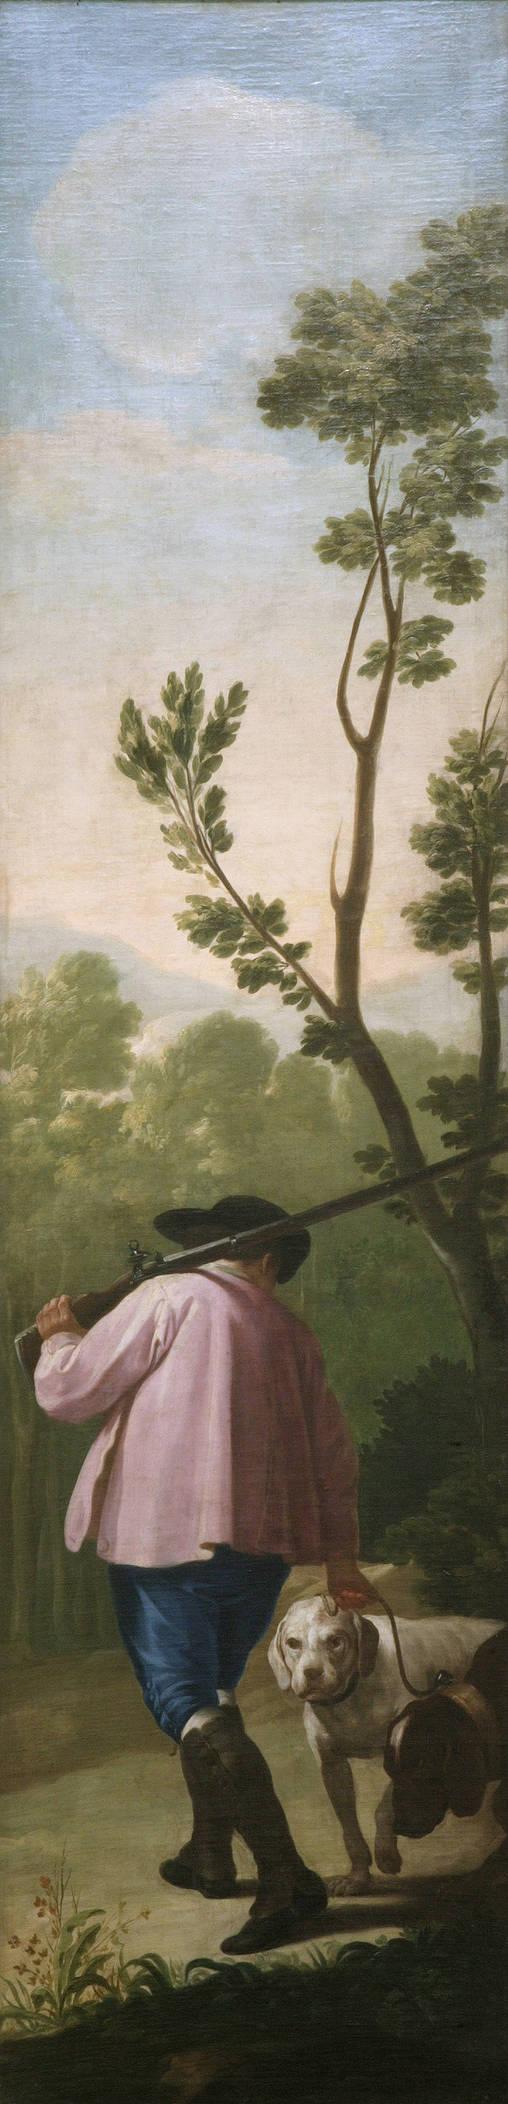 Goya en El Prado: Cazador con sus perros